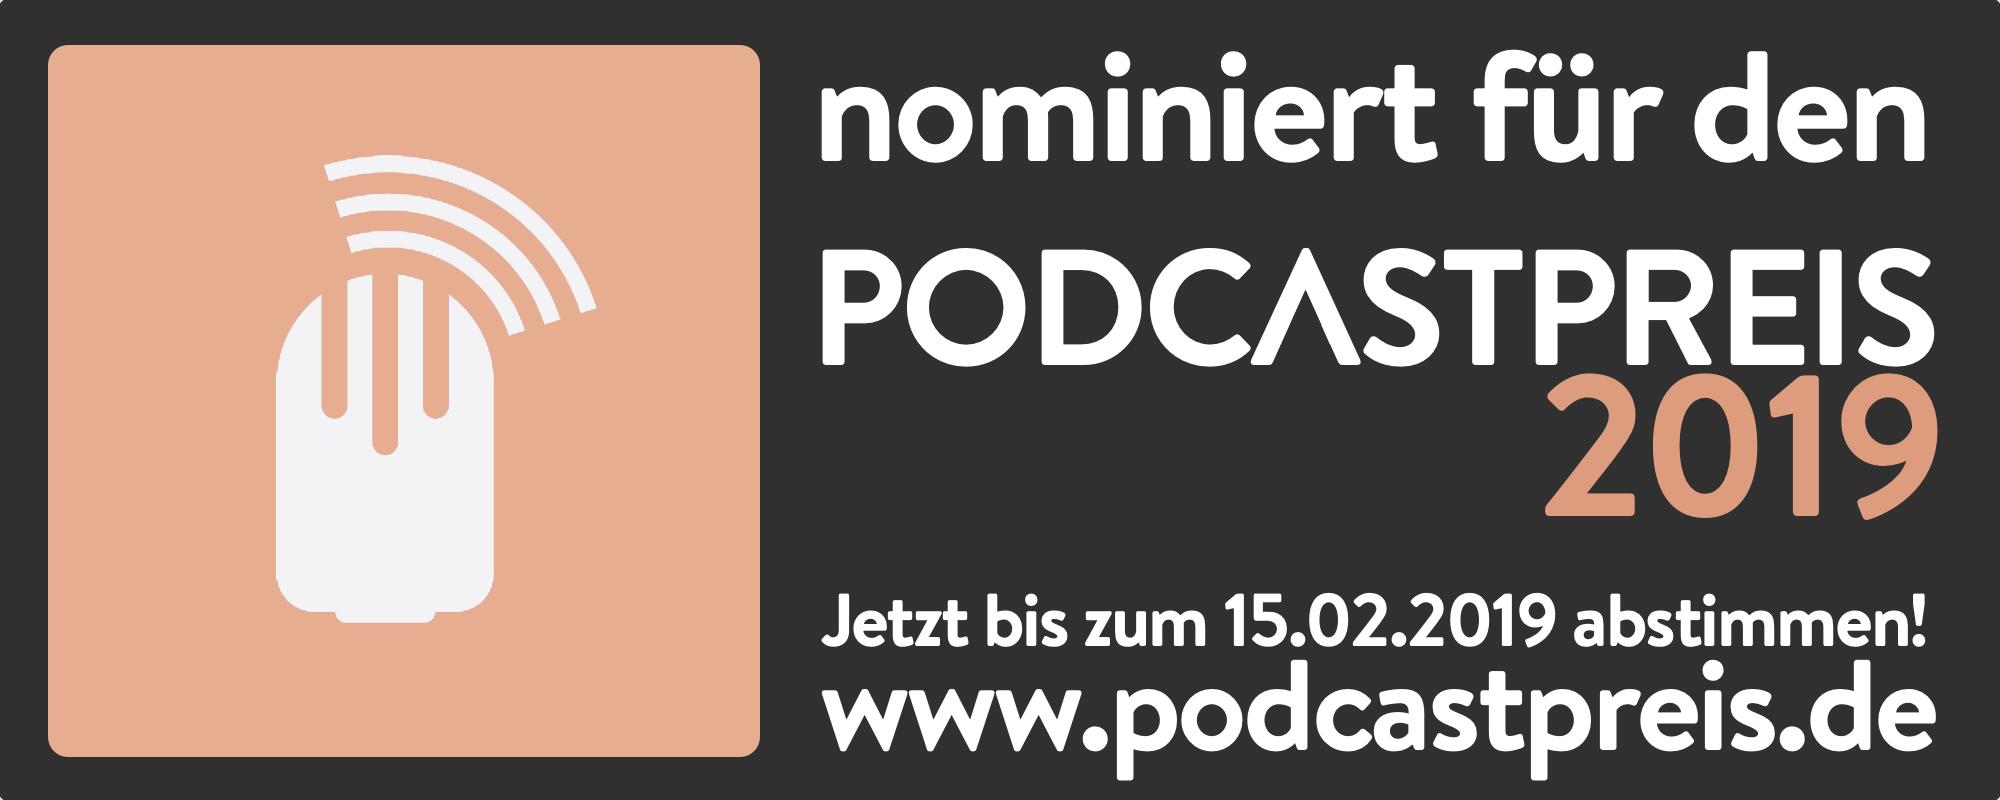 Podcastpreis_nominiert_dunkel